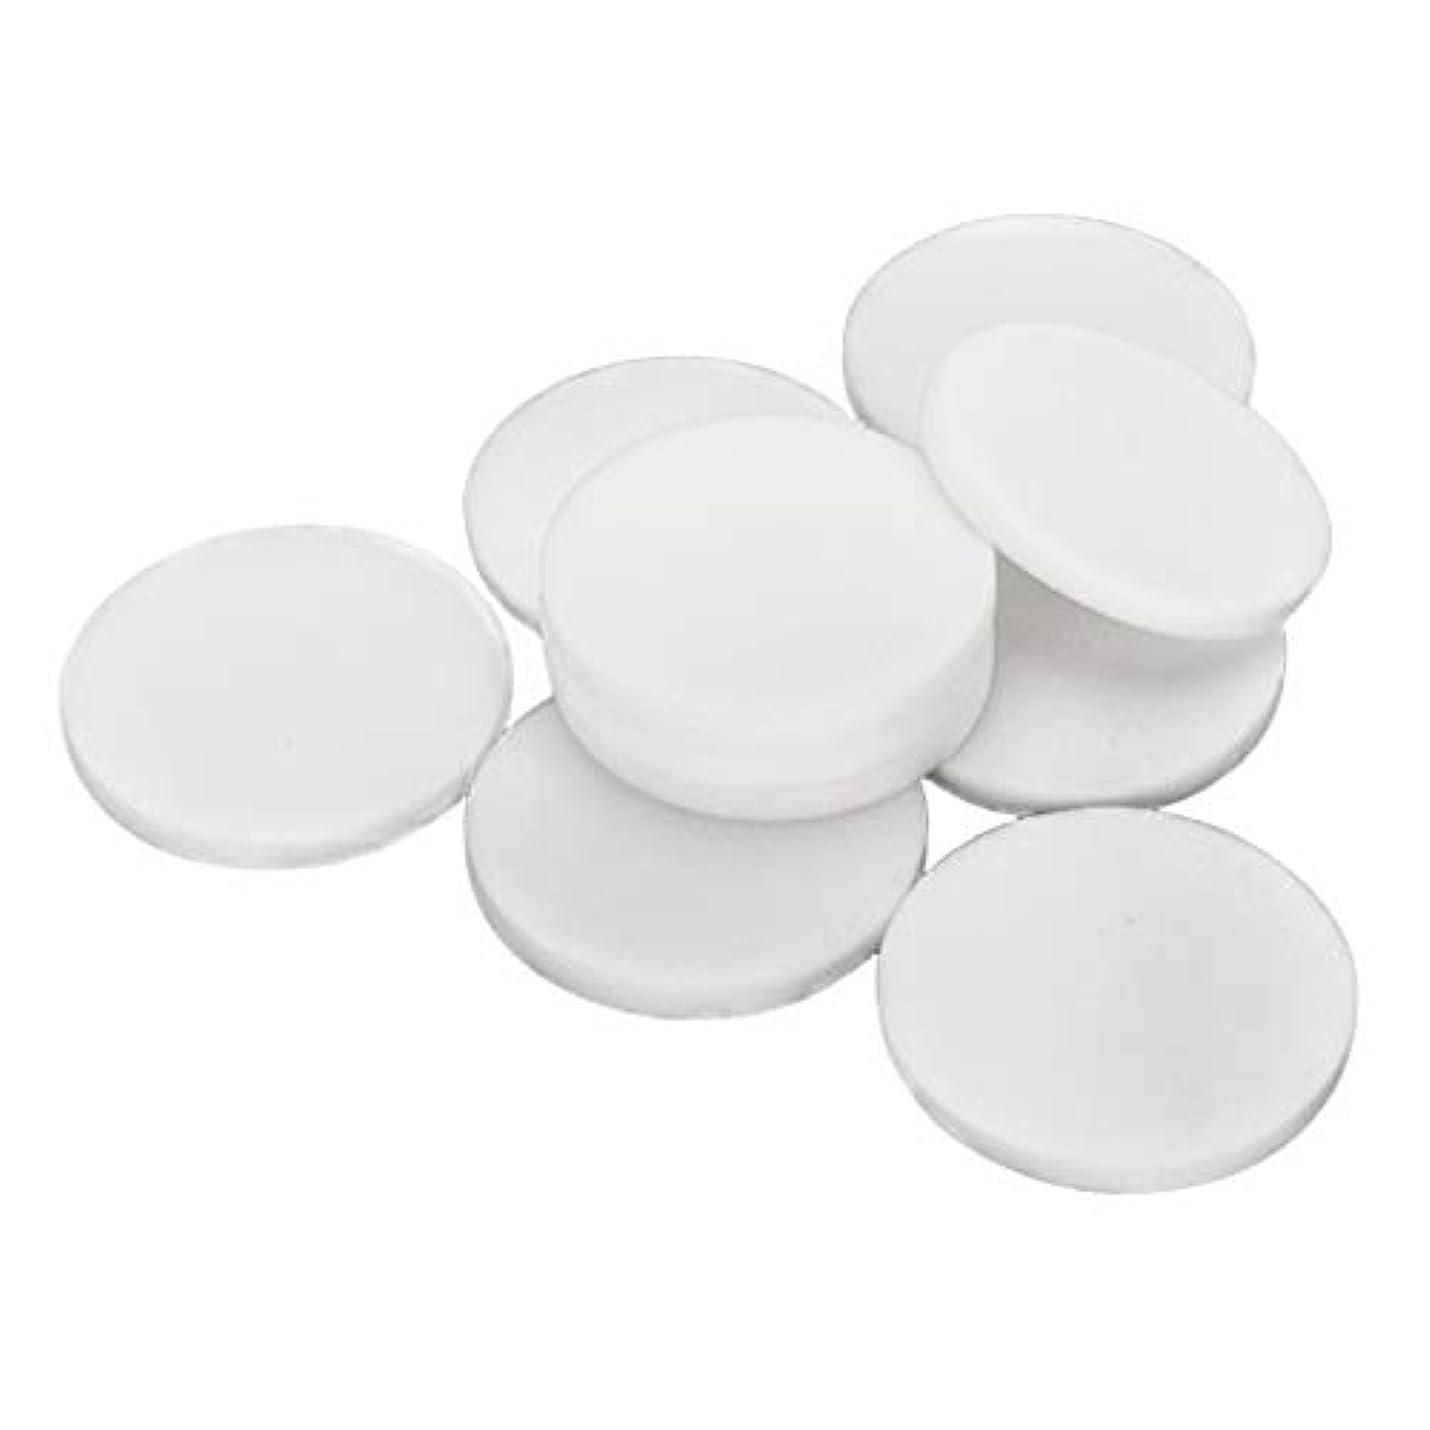 不振ボタンコテージF Fityle 10枚 使い捨て フェイスクリーニングパフ 洗顔 化粧 メイクアップパフ 2サイズ選べ - 大